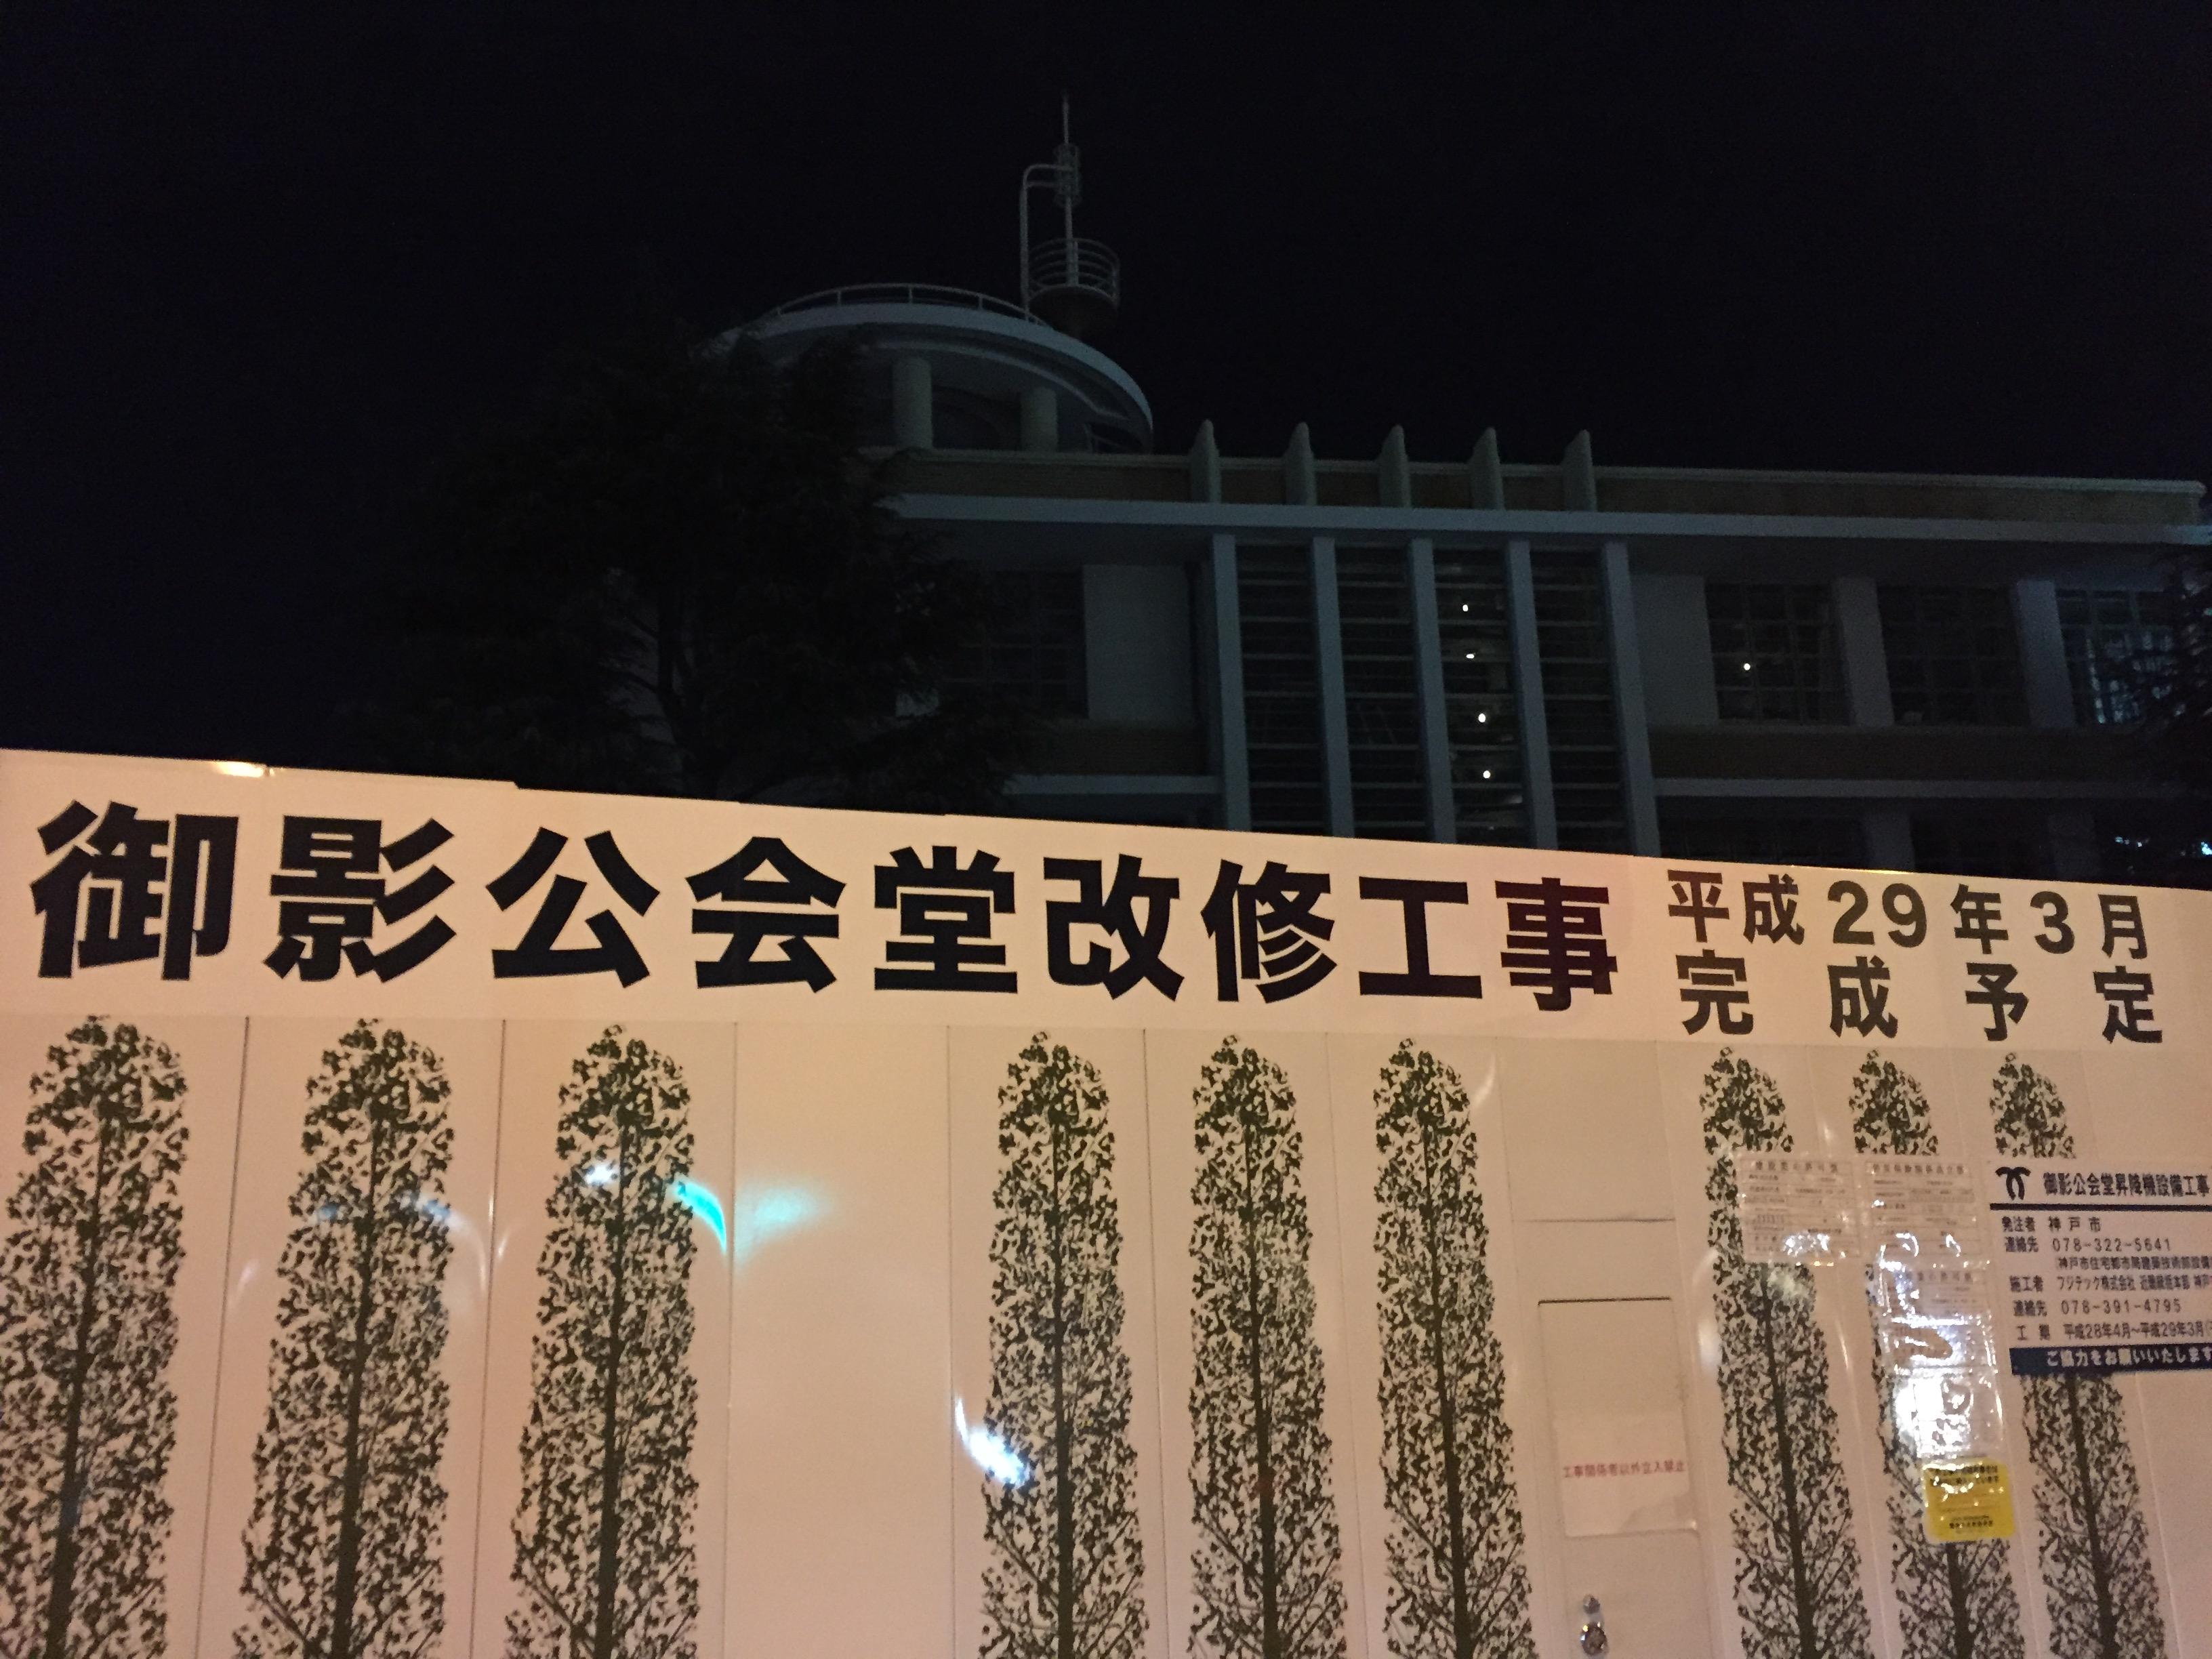 神戸・御影公会堂が4月にリニューアル開館予定だよ【※現在の様子写真あり】